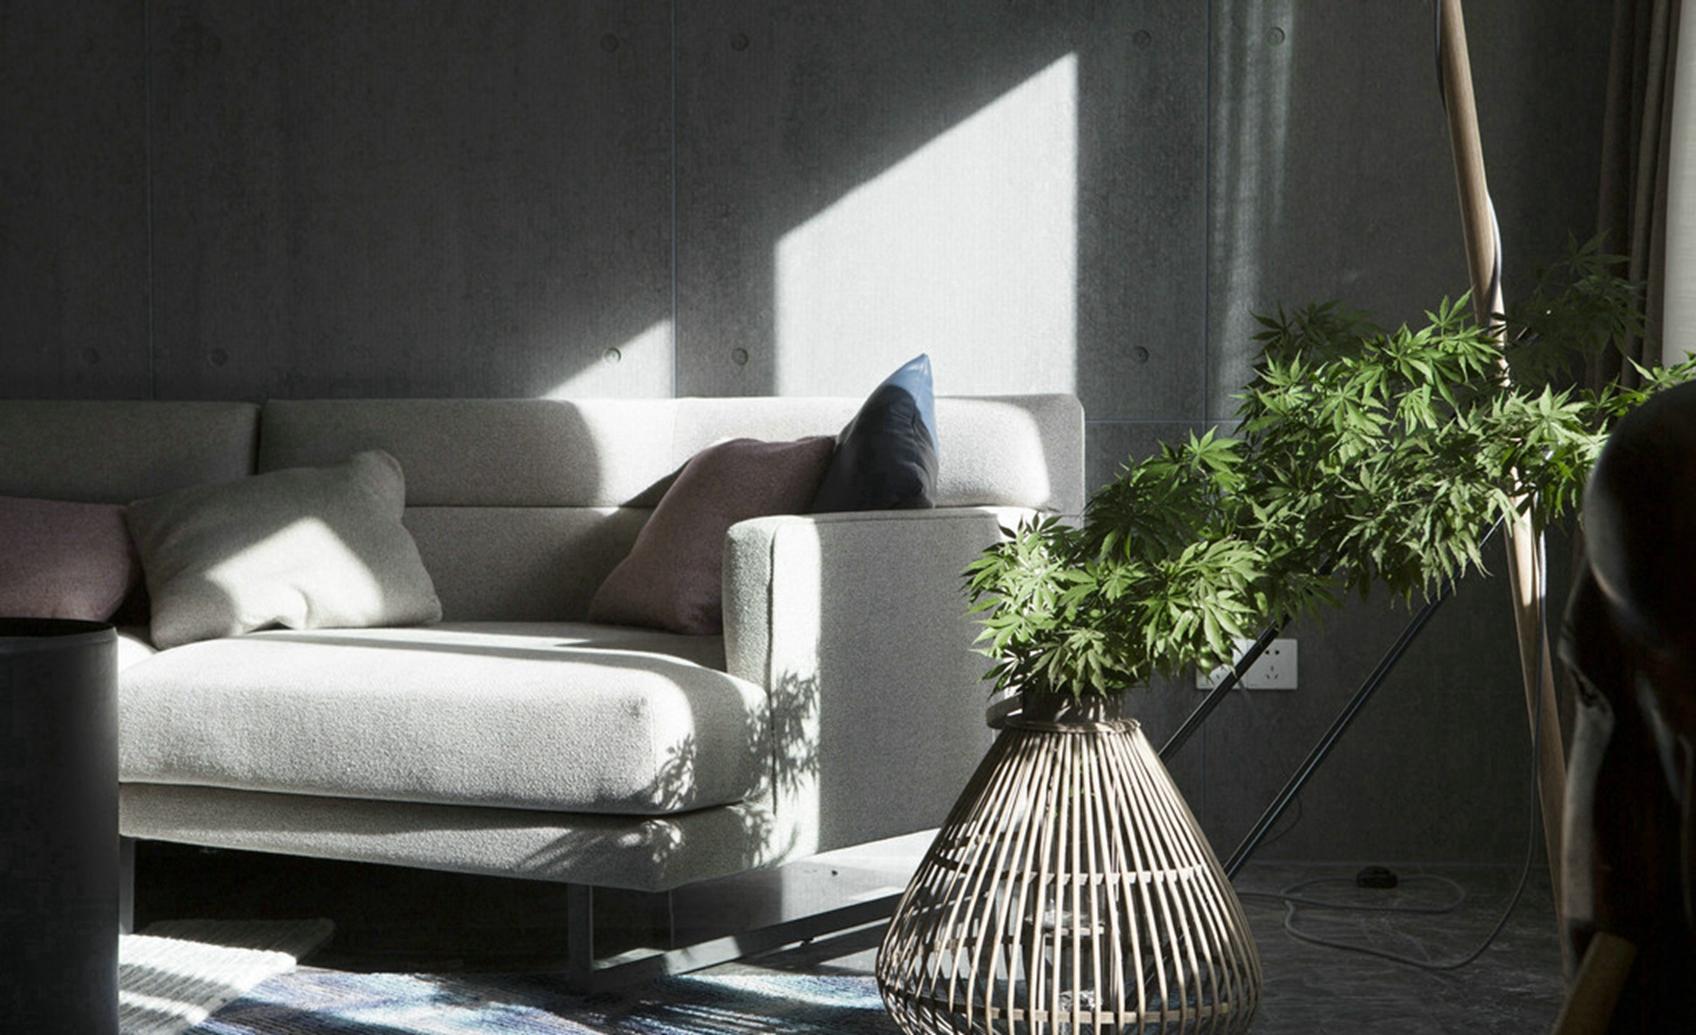 绿植的简约不尽可以时尚,也可以装修设计出无限温馨的舒适感